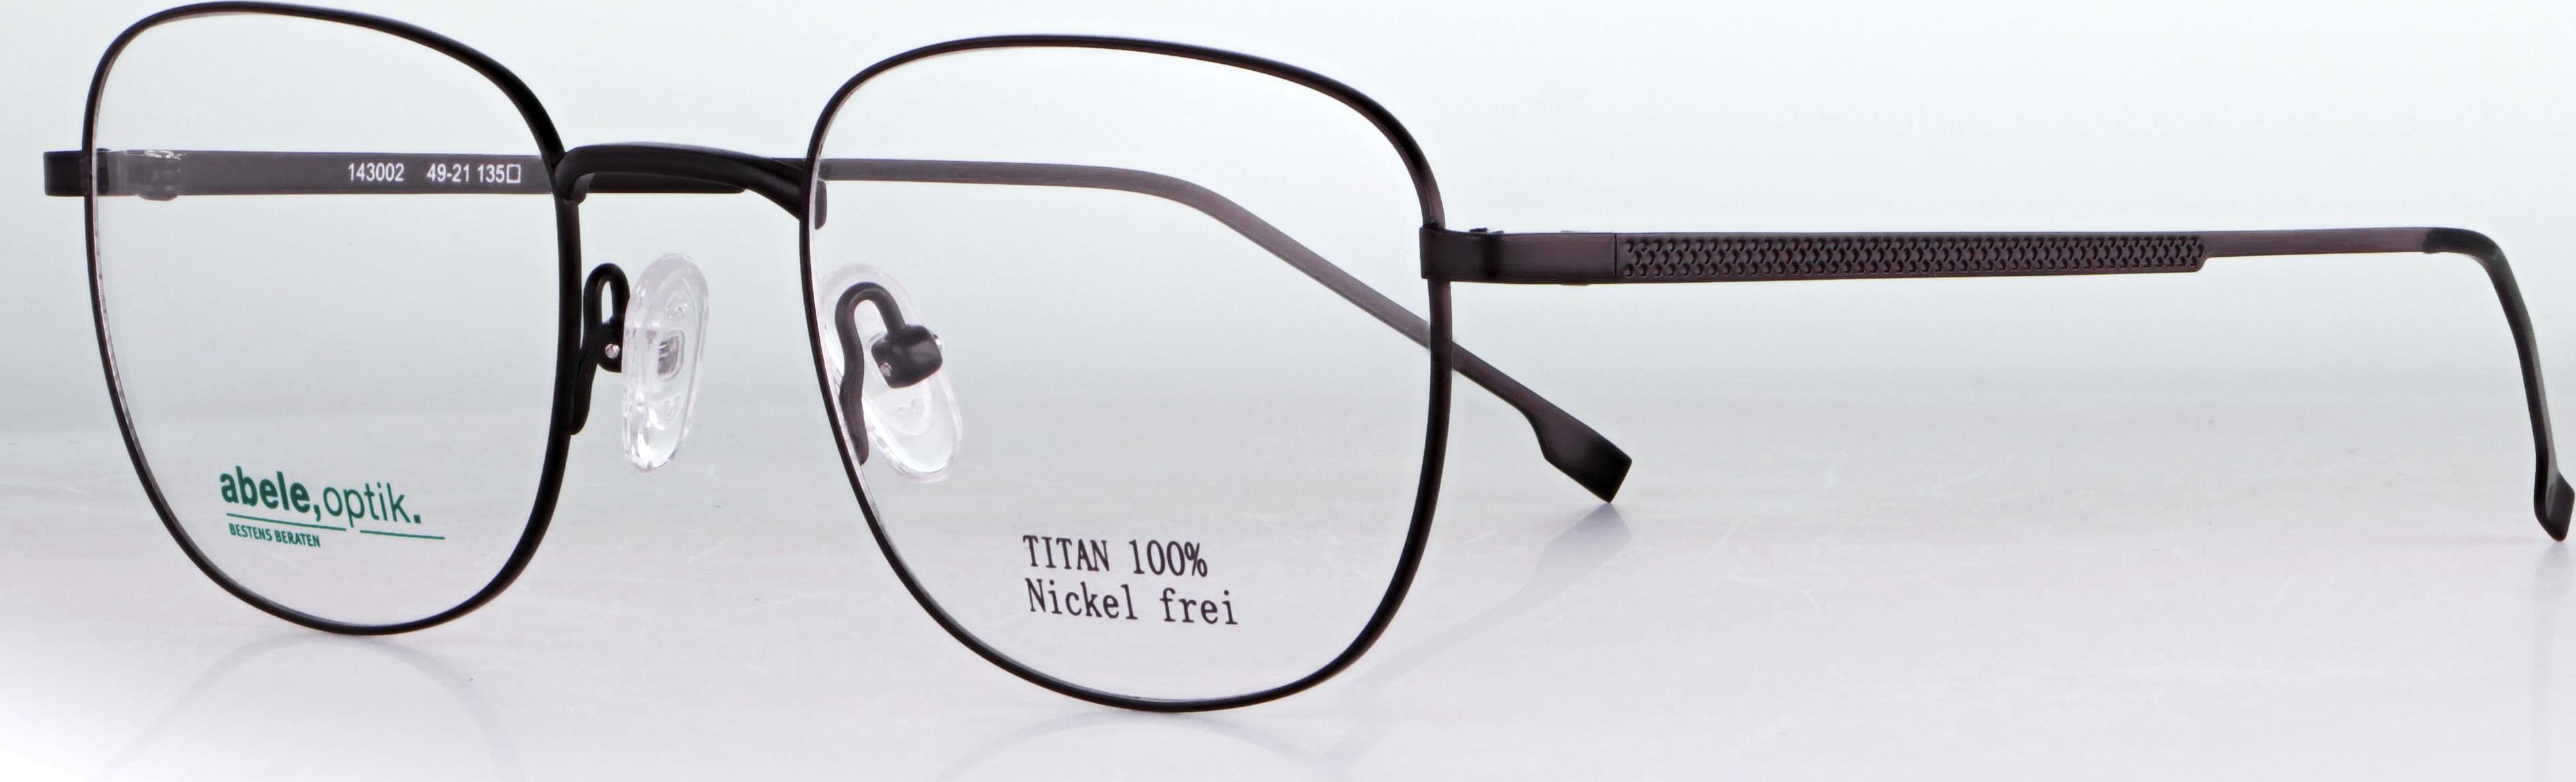 Titanbrille 143002